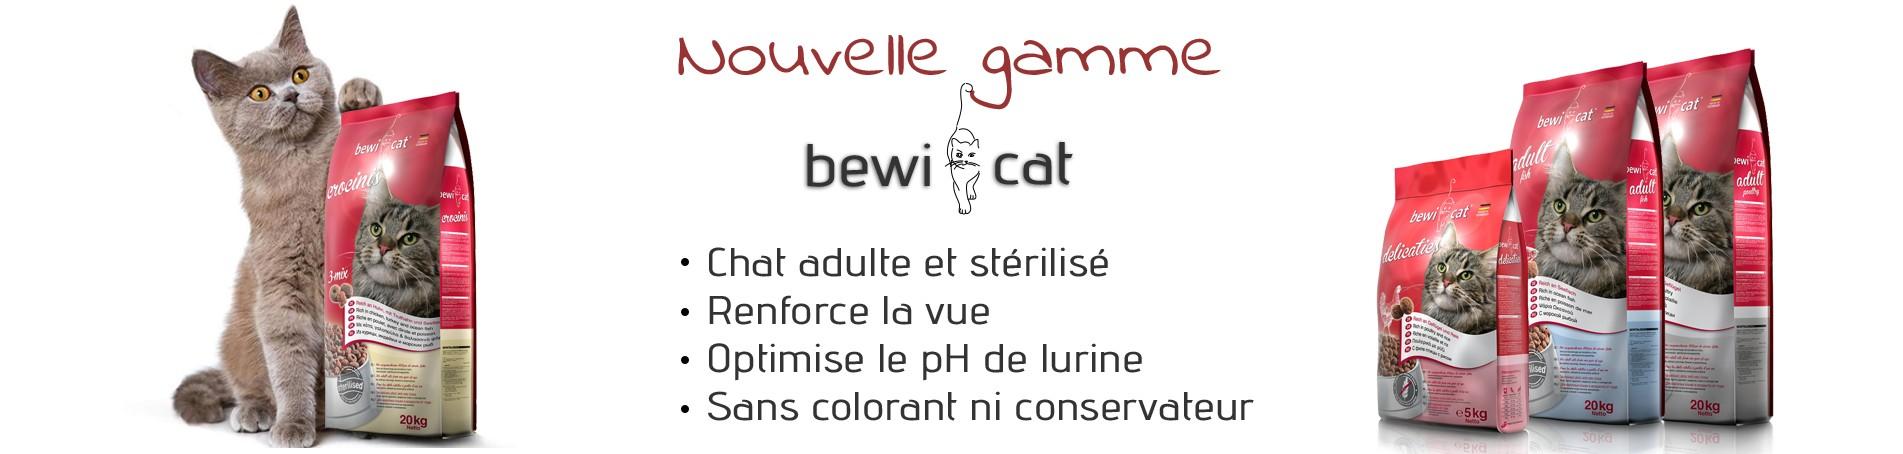 Nouvelle gamme de croquettes pour chat : Bewi Cat